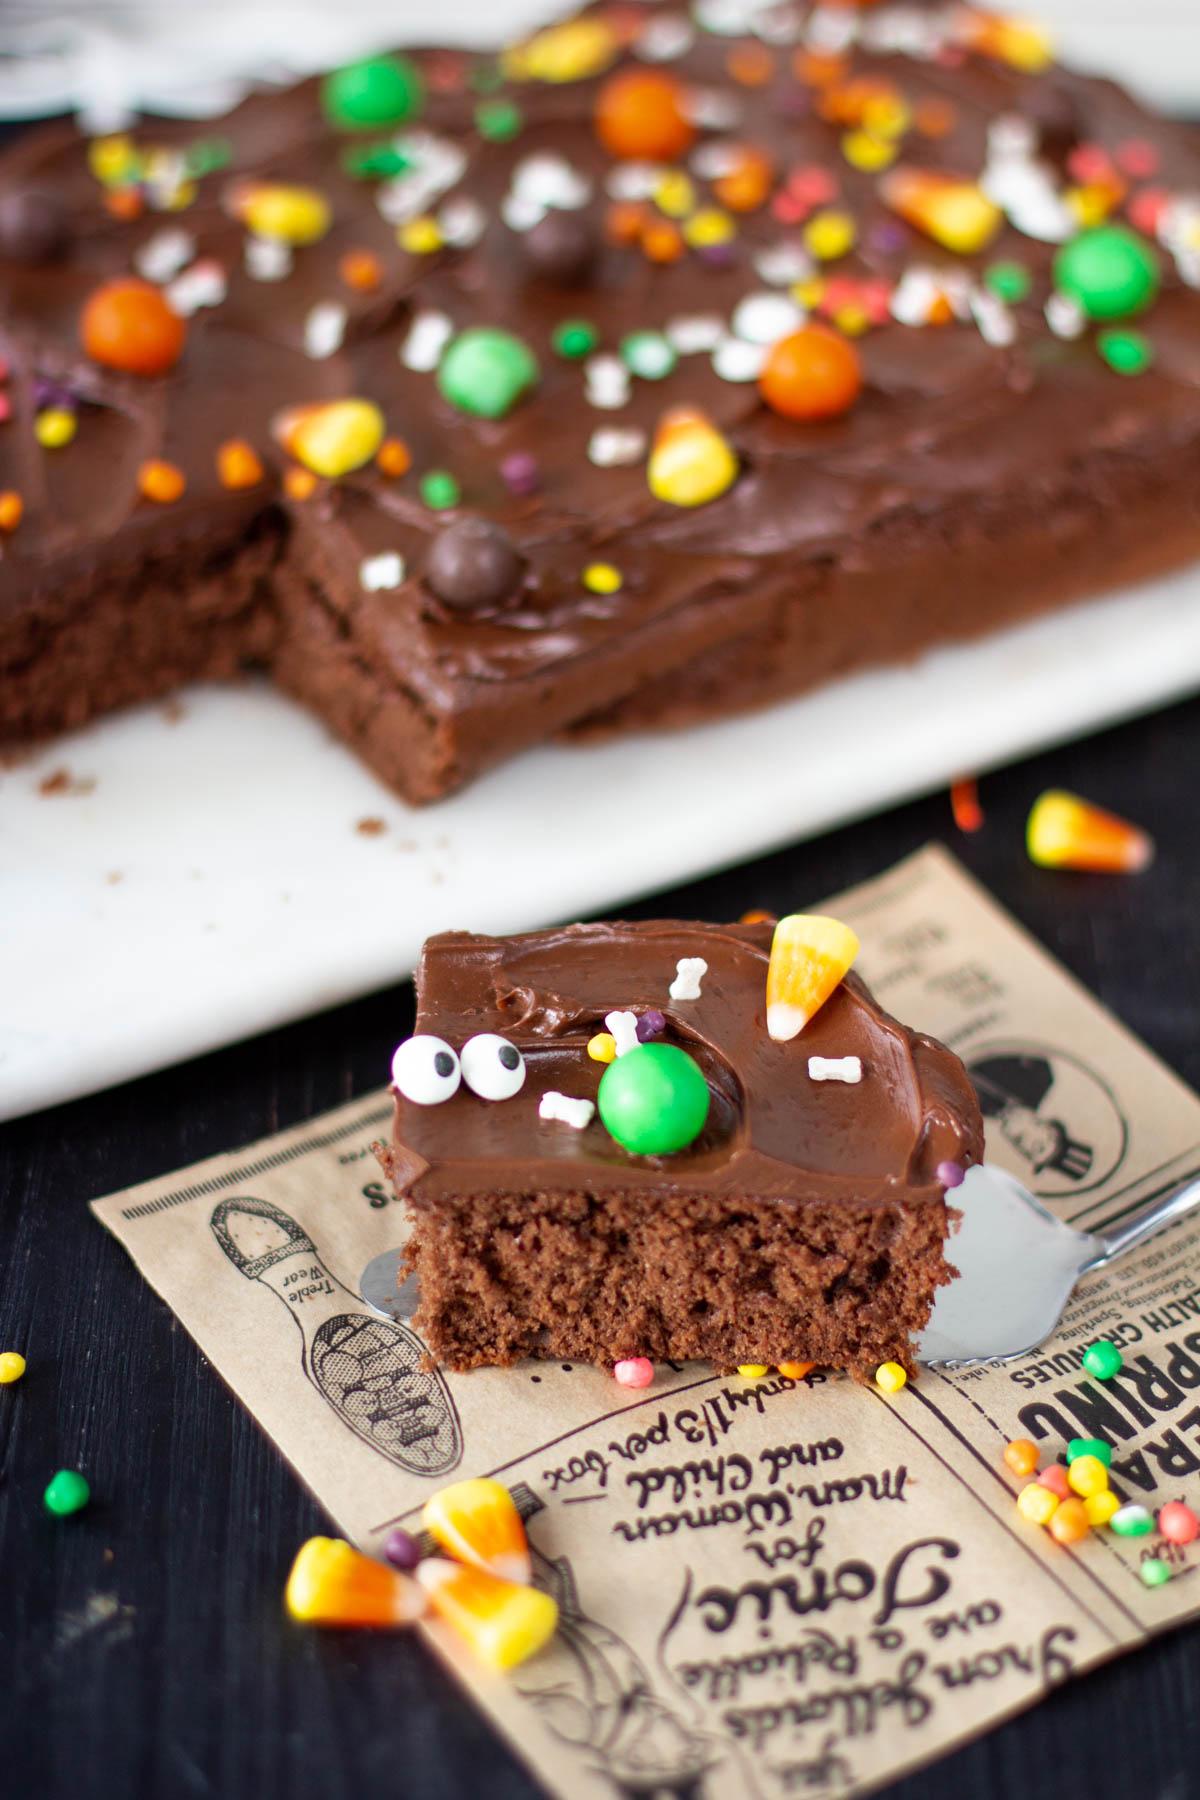 Pala suklaapiirakkaa, joka on koristeltu halloween-koristeilla.